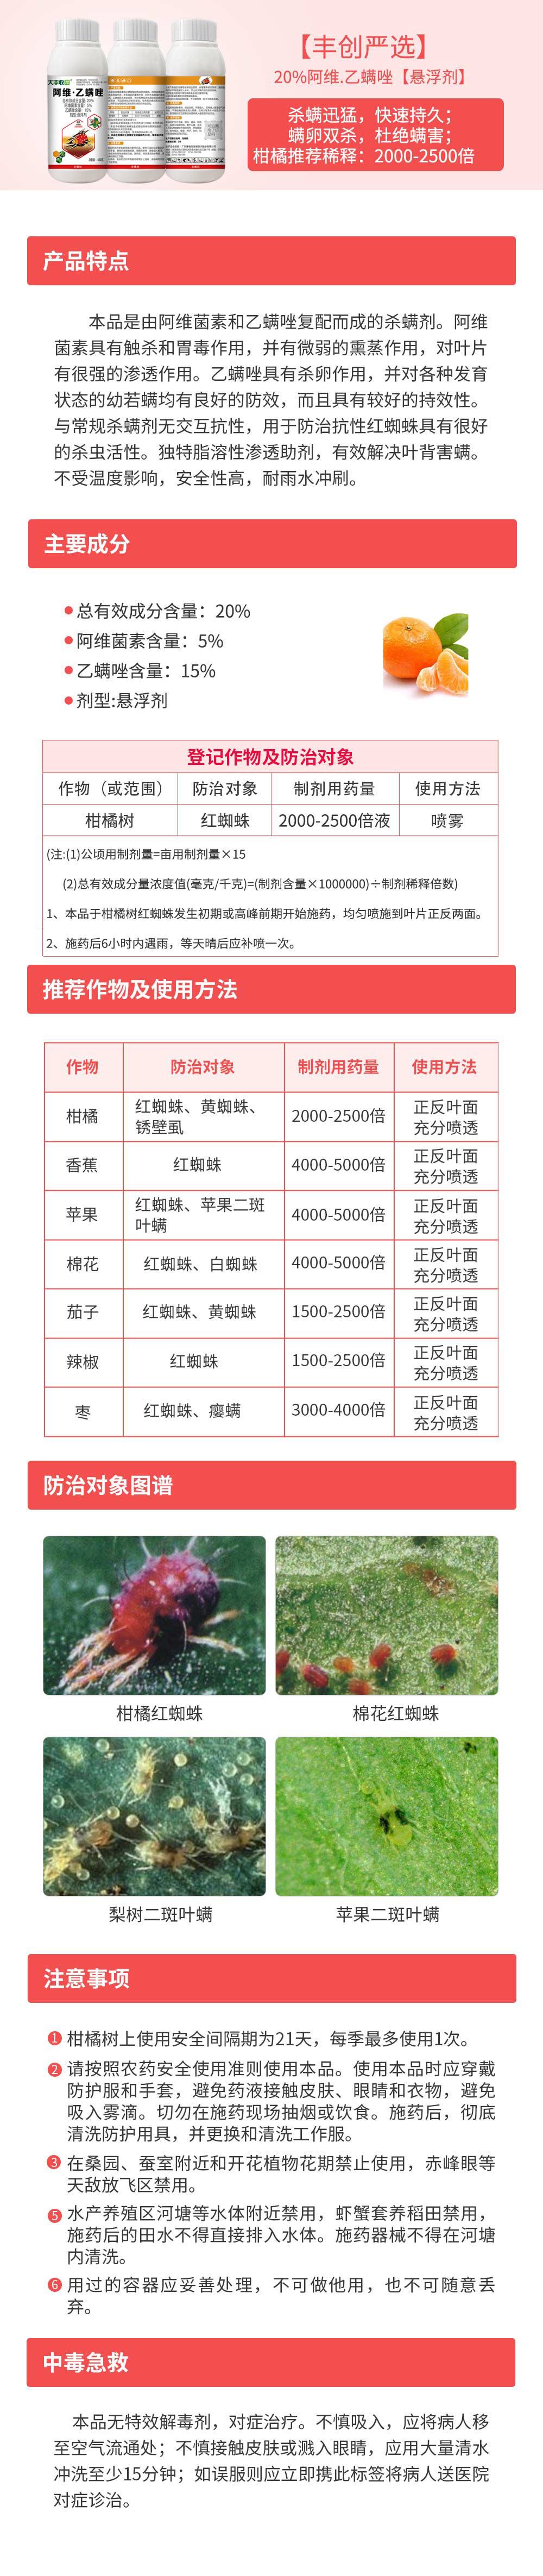 【丰创严选】植物龙20%阿维乙螨唑悬浮剂.jpg